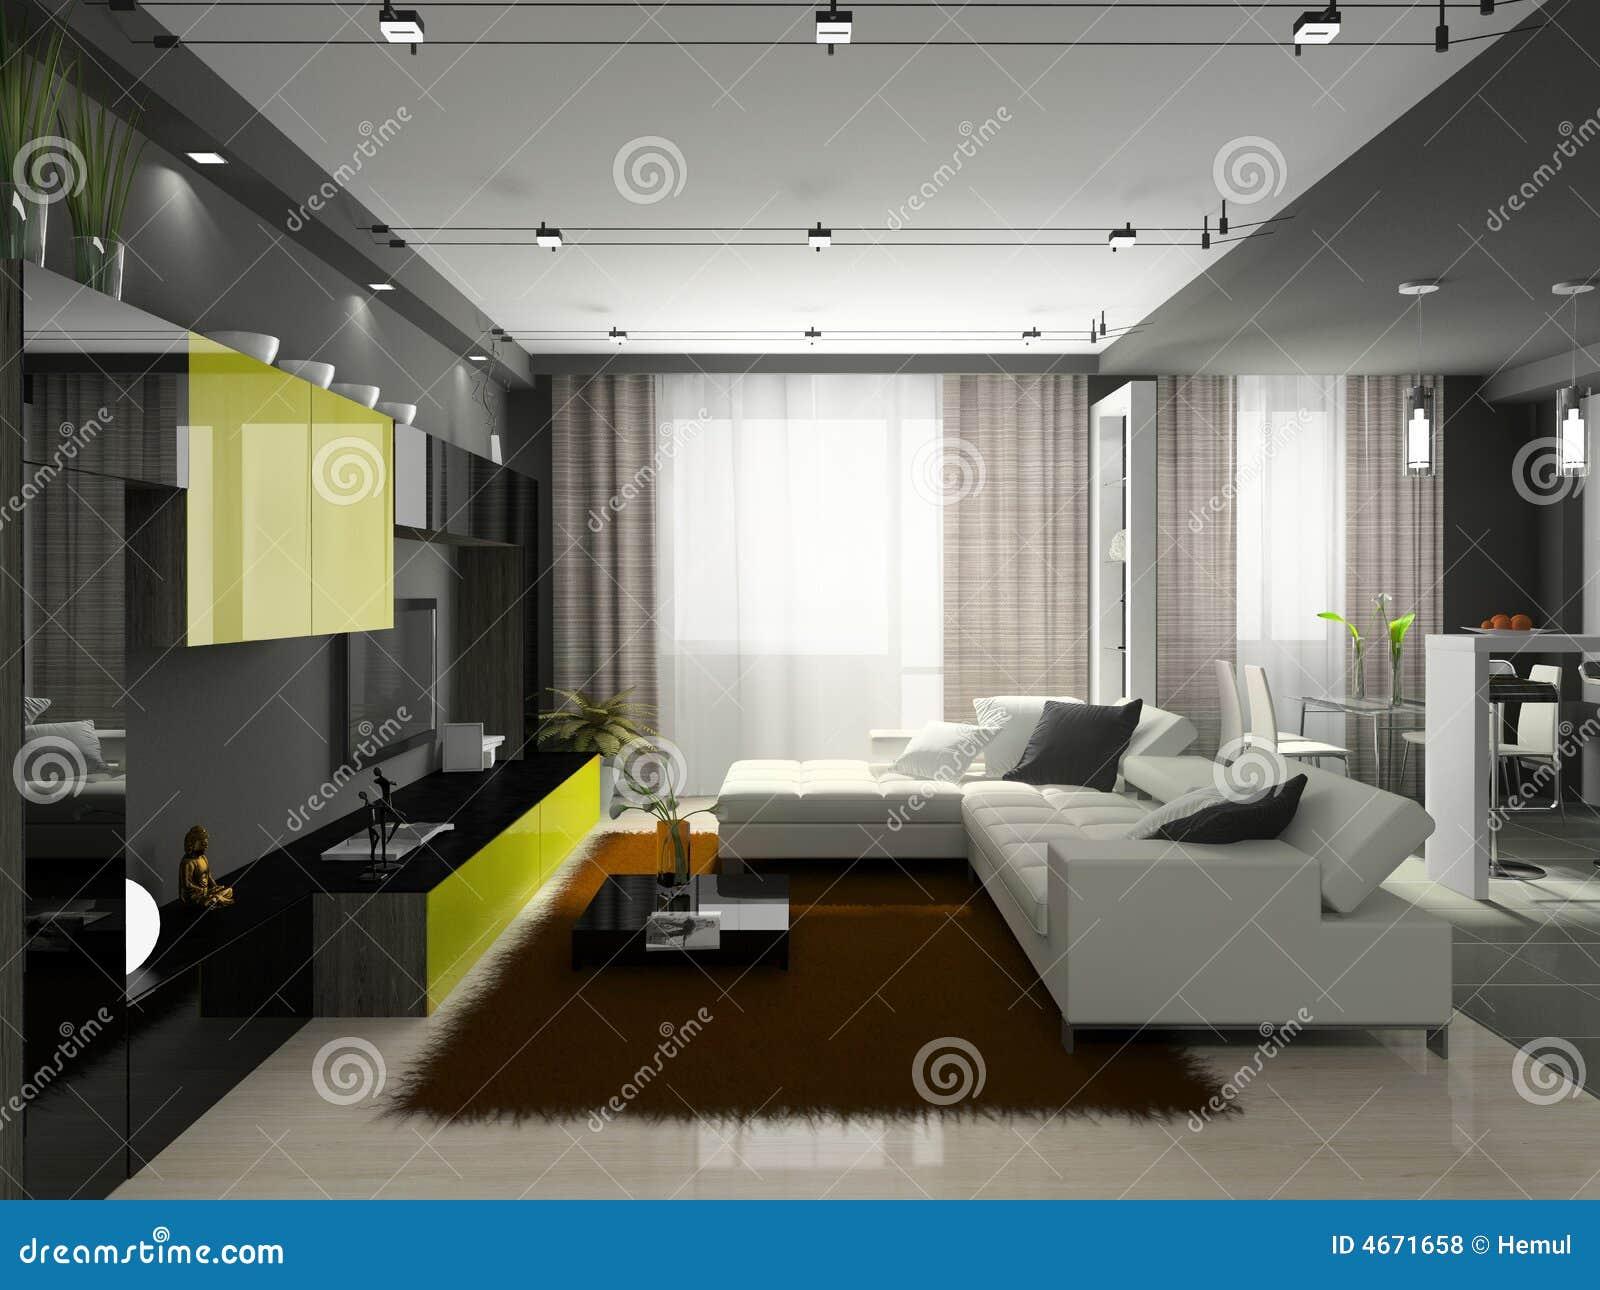 innenraum der stilvollen wohnung lizenzfreie stockfotos bild 4671658. Black Bedroom Furniture Sets. Home Design Ideas